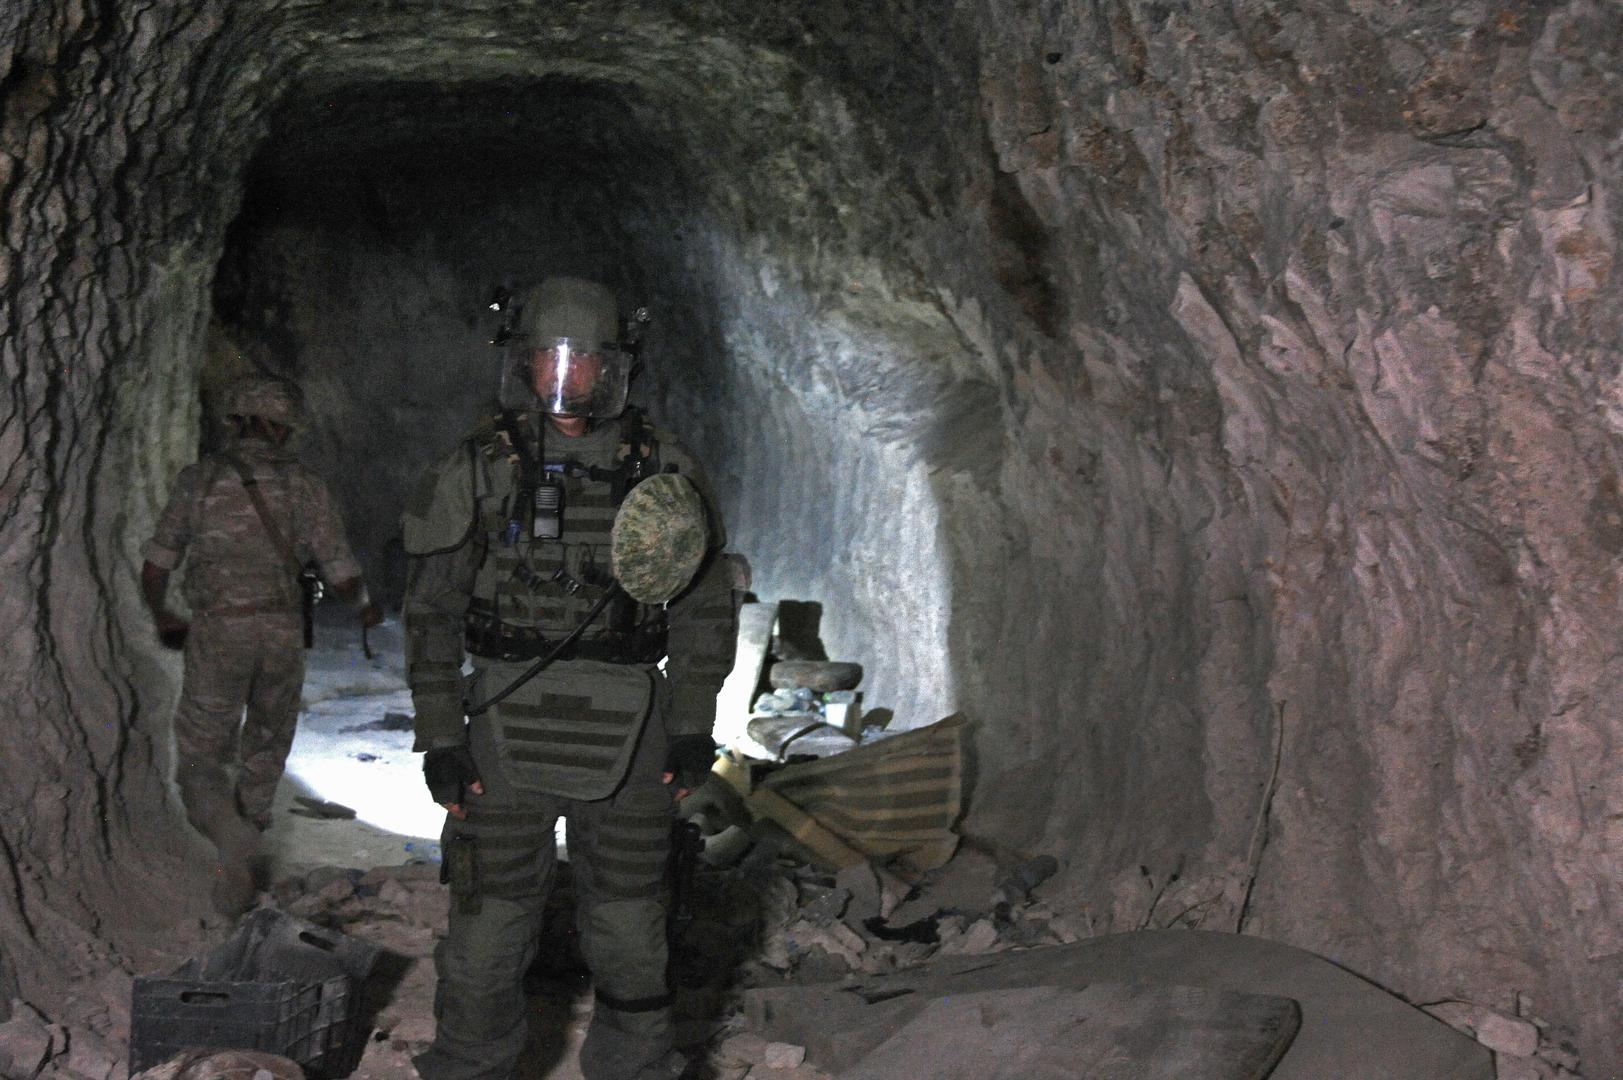 العسكريون الروس والسوريون يدمرون أنفاقا للمسلحين في ريف حماة